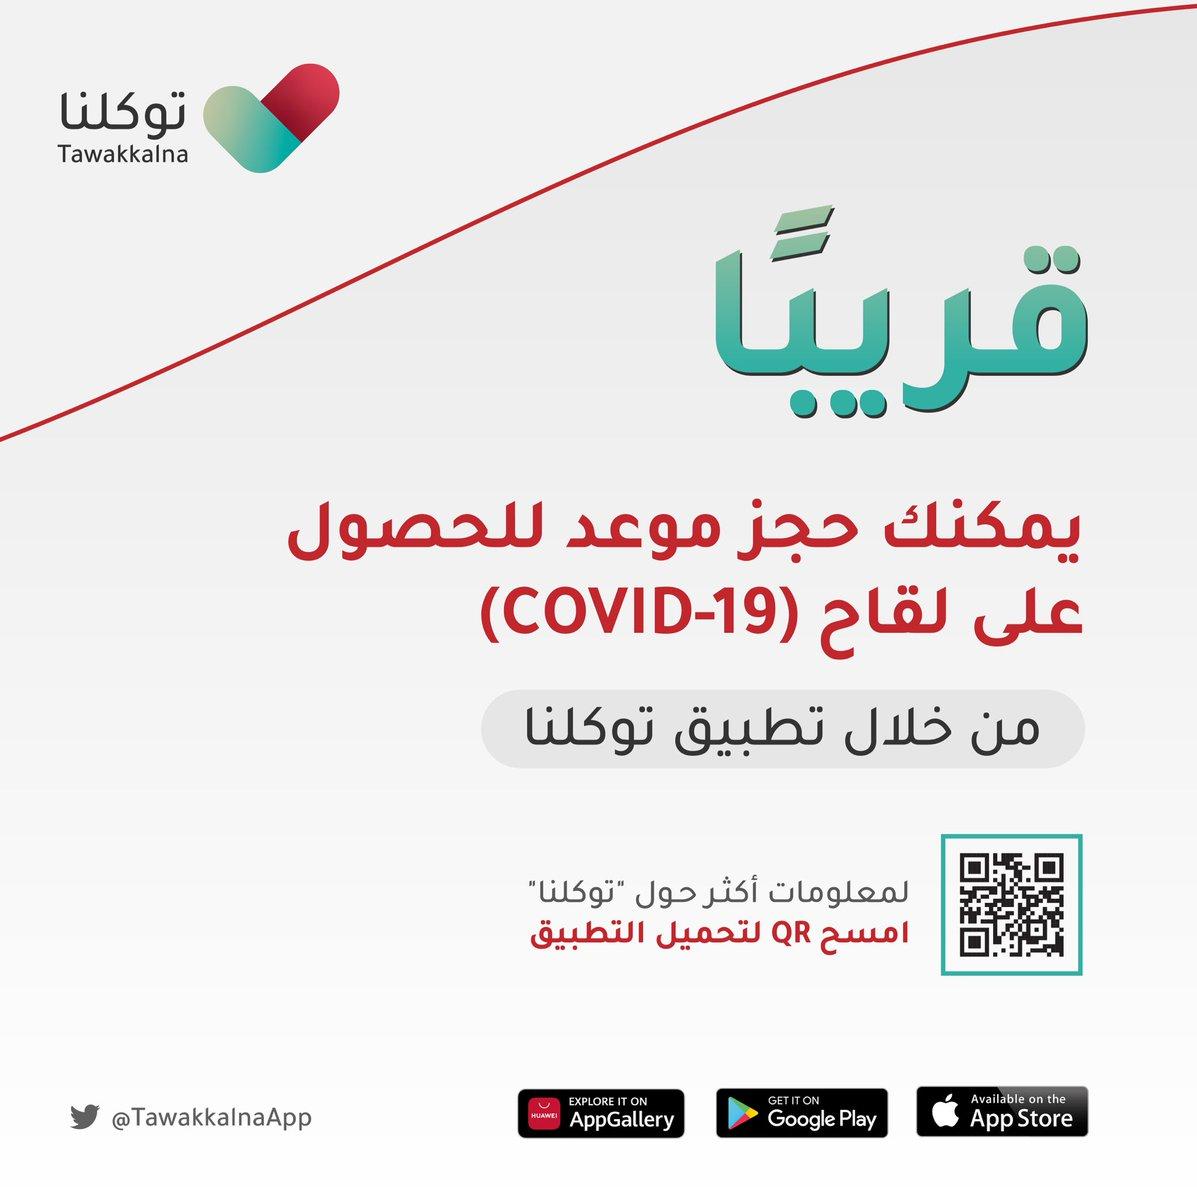 تطبيق توكلنا On Twitter قريب ا تطبيق توكلنا يتيح لك إمكانية حجز موعد للحصول على لقاح Covid 19 وسوف يعلن عن ذلك من خلال القنوات الرسمية التطبيق والموقع وحسابات التواصل الاجتماعي حمل التطبيق الآن